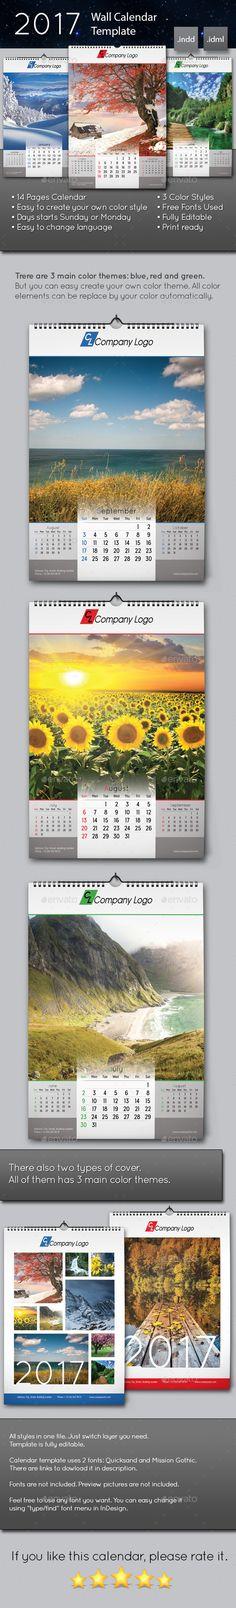 21 Best Calendar Templates For 2016 | Pinterest | Calendars 2016 ...